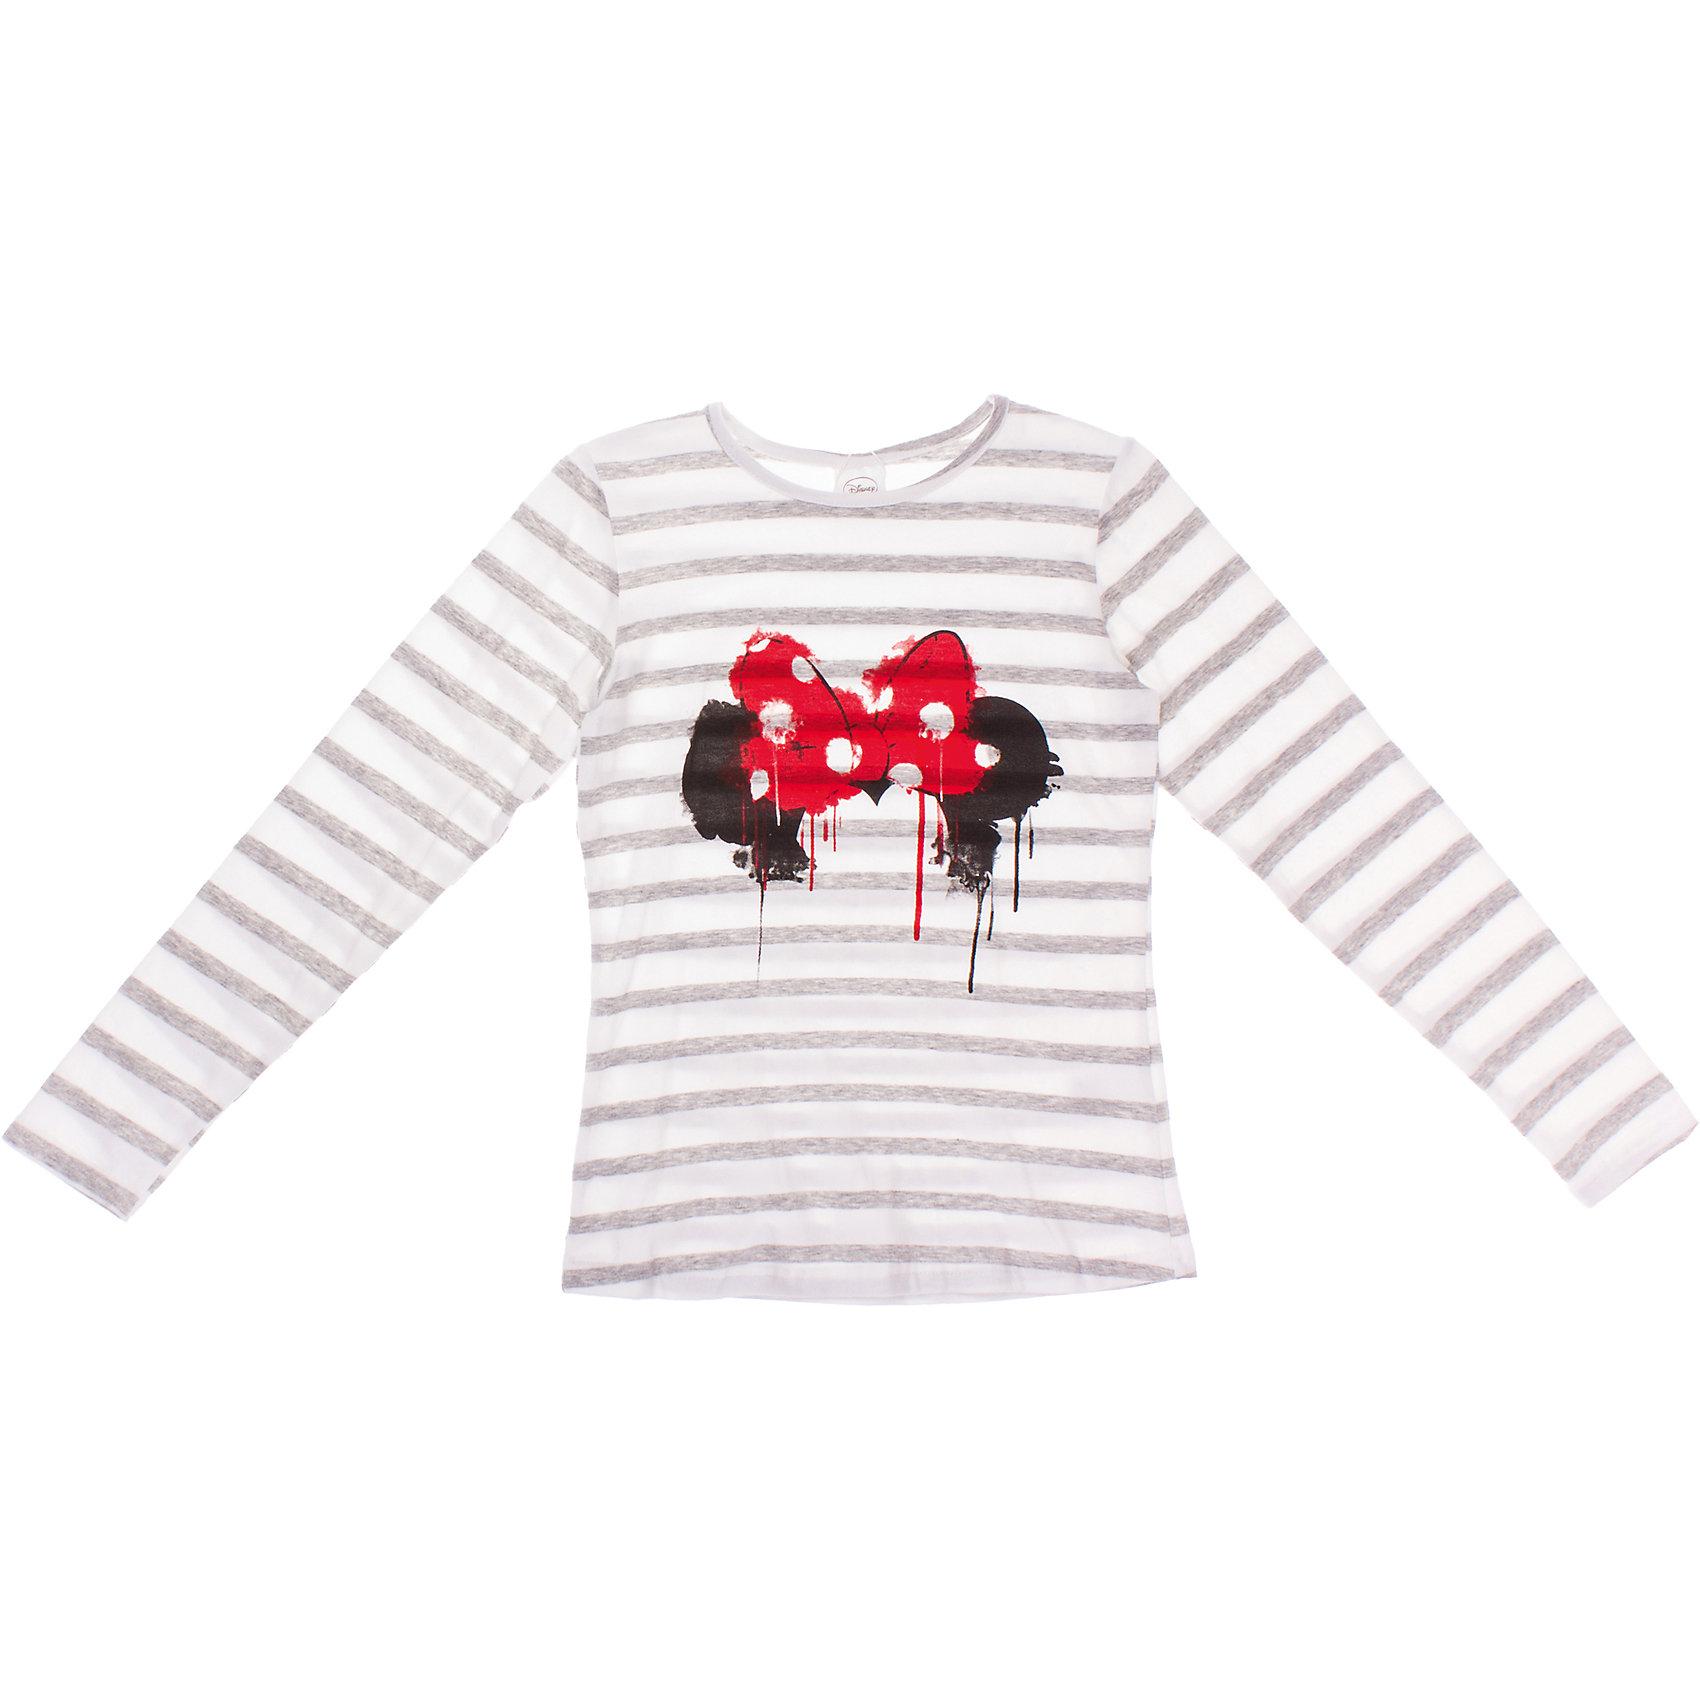 Футболка с длинным рукавом для девочки S'CoolФутболки с длинным рукавом<br>Футболка для девочки S'Cool <br><br>Состав: 95% хлопок, 5% эластан <br><br>Хлопковая футболка с длинными рукавами, сделана по лицензии Disney. <br>Ткань в полоску - пестровязанная. <br>Стильный принт.<br><br>Ширина мм: 199<br>Глубина мм: 10<br>Высота мм: 161<br>Вес г: 151<br>Цвет: белый<br>Возраст от месяцев: 168<br>Возраст до месяцев: 180<br>Пол: Женский<br>Возраст: Детский<br>Размер: 164,146,140,158,134,152<br>SKU: 4503674